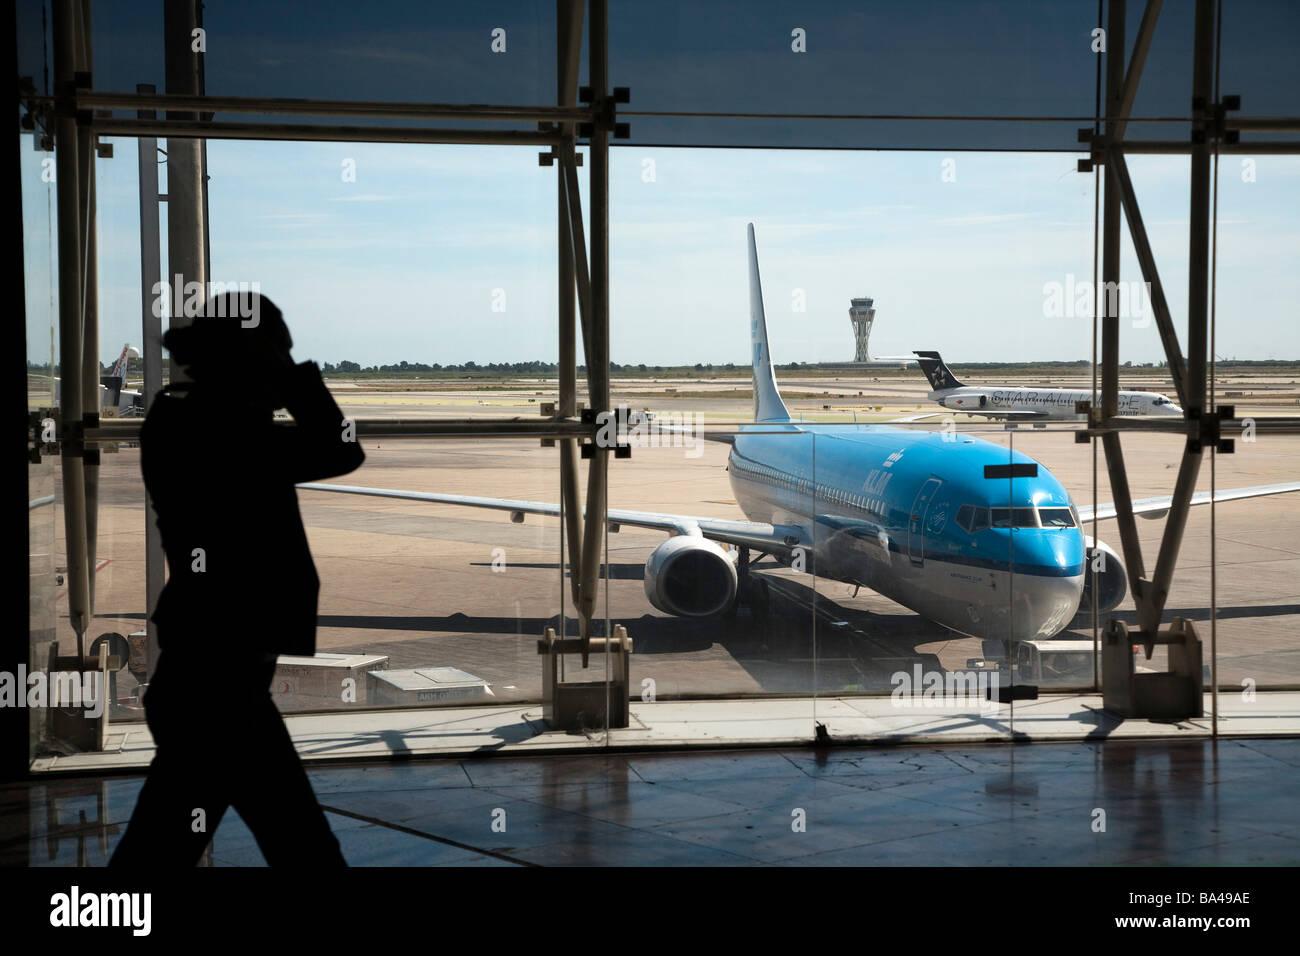 El Prat de Llobregat airport Barcelona Spain - Stock Image